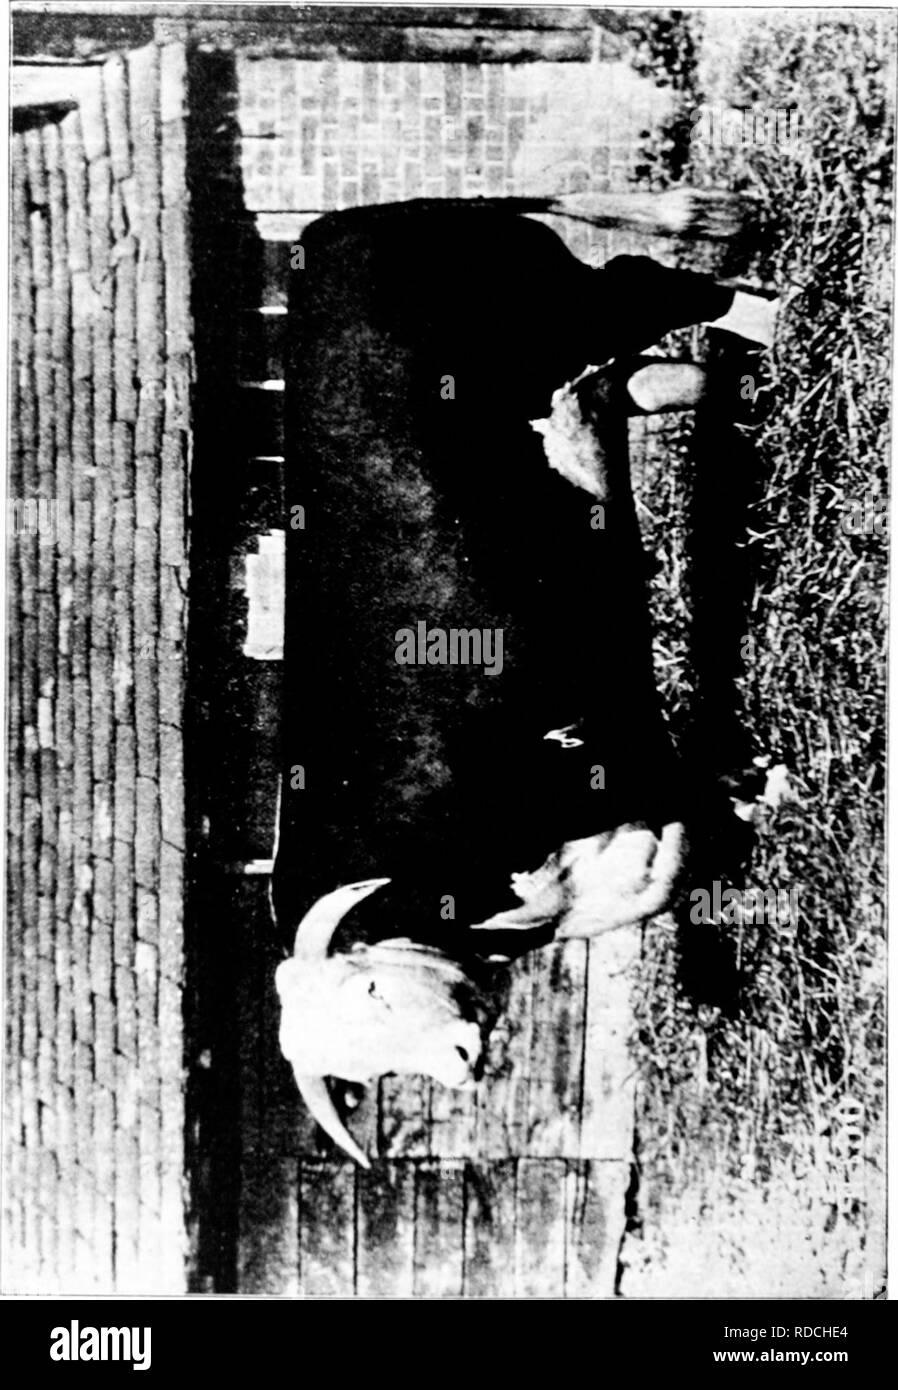 . Geschichte der Hereford Rind: Bewährte abschließend das älteste der verbesserten Rassen. Hereford Rind. . Bitte beachten Sie, dass diese Bilder sind von der gescannten Seite Bilder, die digital für die Lesbarkeit verbessert haben mögen - Färbung und Aussehen dieser Abbildungen können nicht perfekt dem Original ähneln. extrahiert. Miller, T.L. (Timothy Lathrop), 1817-1900; Sotham, Wm. H. (William H.). Chillicothe, MO: T. F.B. Sotham Stockfoto